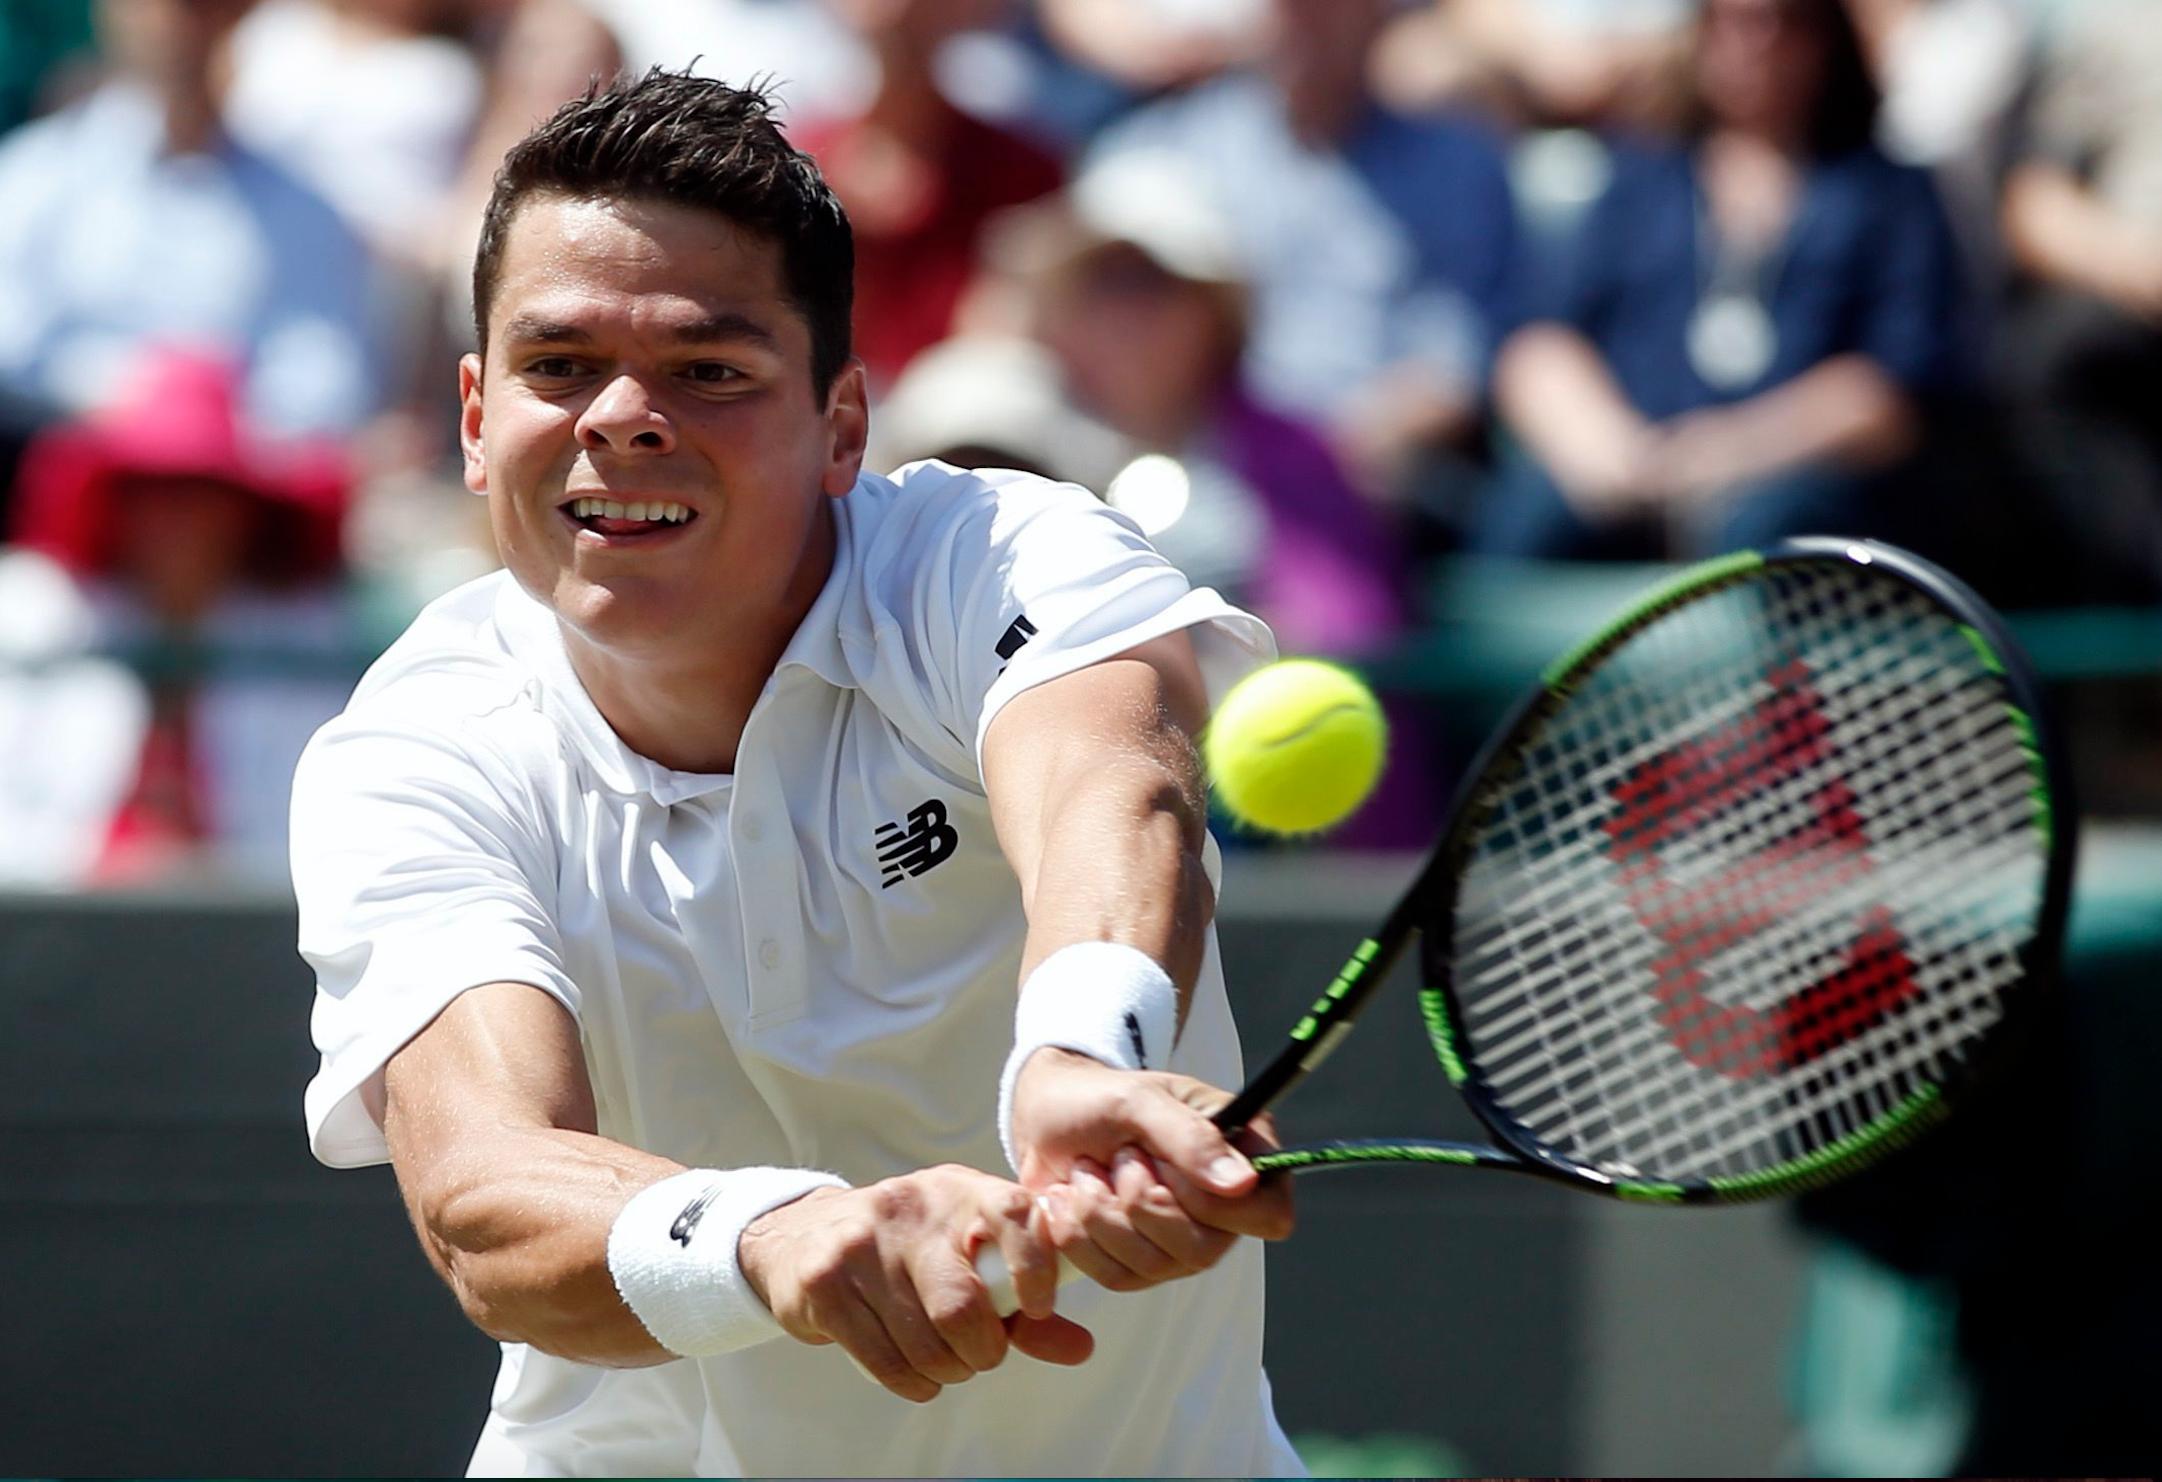 Raonic aux prises avec l'américain Sam Querrey au tournois de Wimbledon.